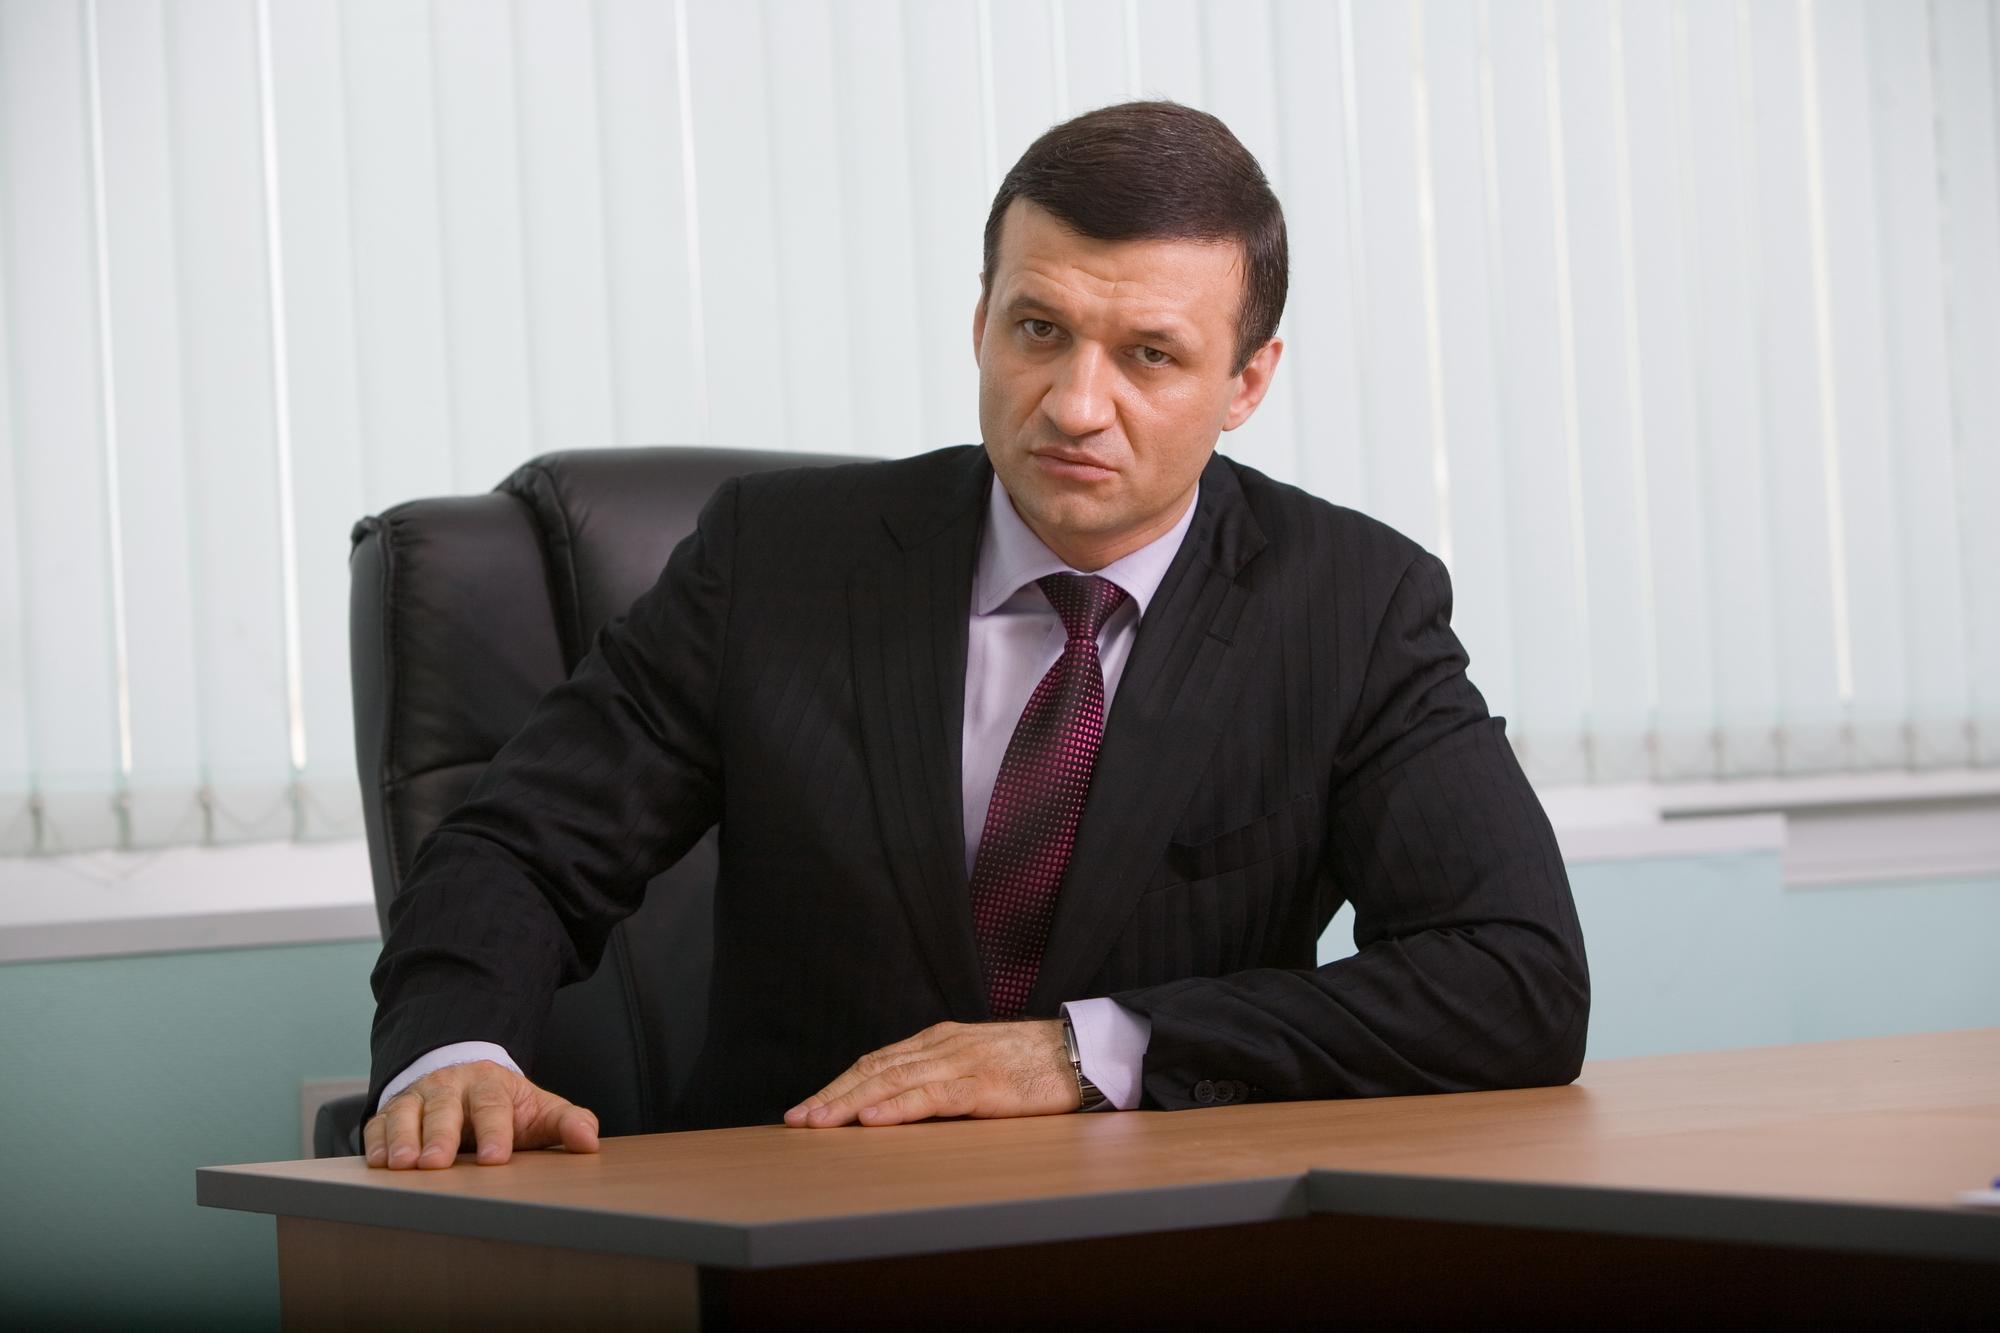 Дмитрий Савельев: вопросы цифровизации здравоохранения нужно решать в первоочередном порядке